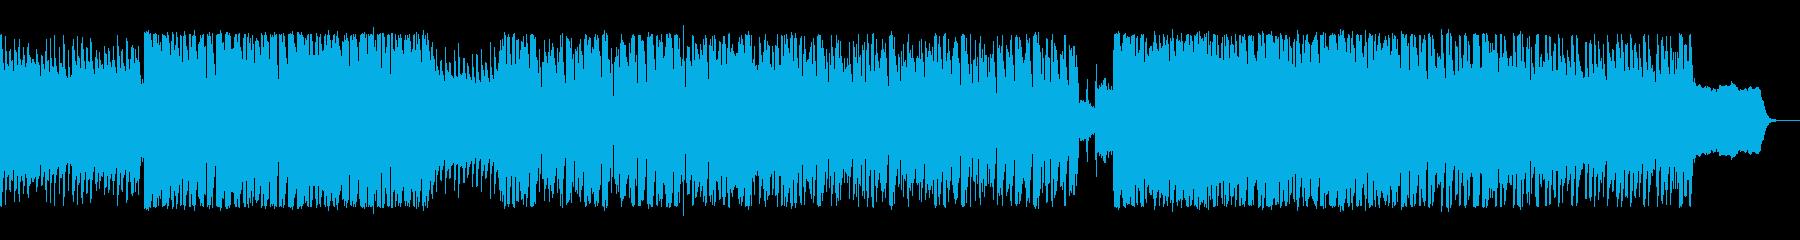 映像に合う爽やかで楽しいエレクトロハウスの再生済みの波形